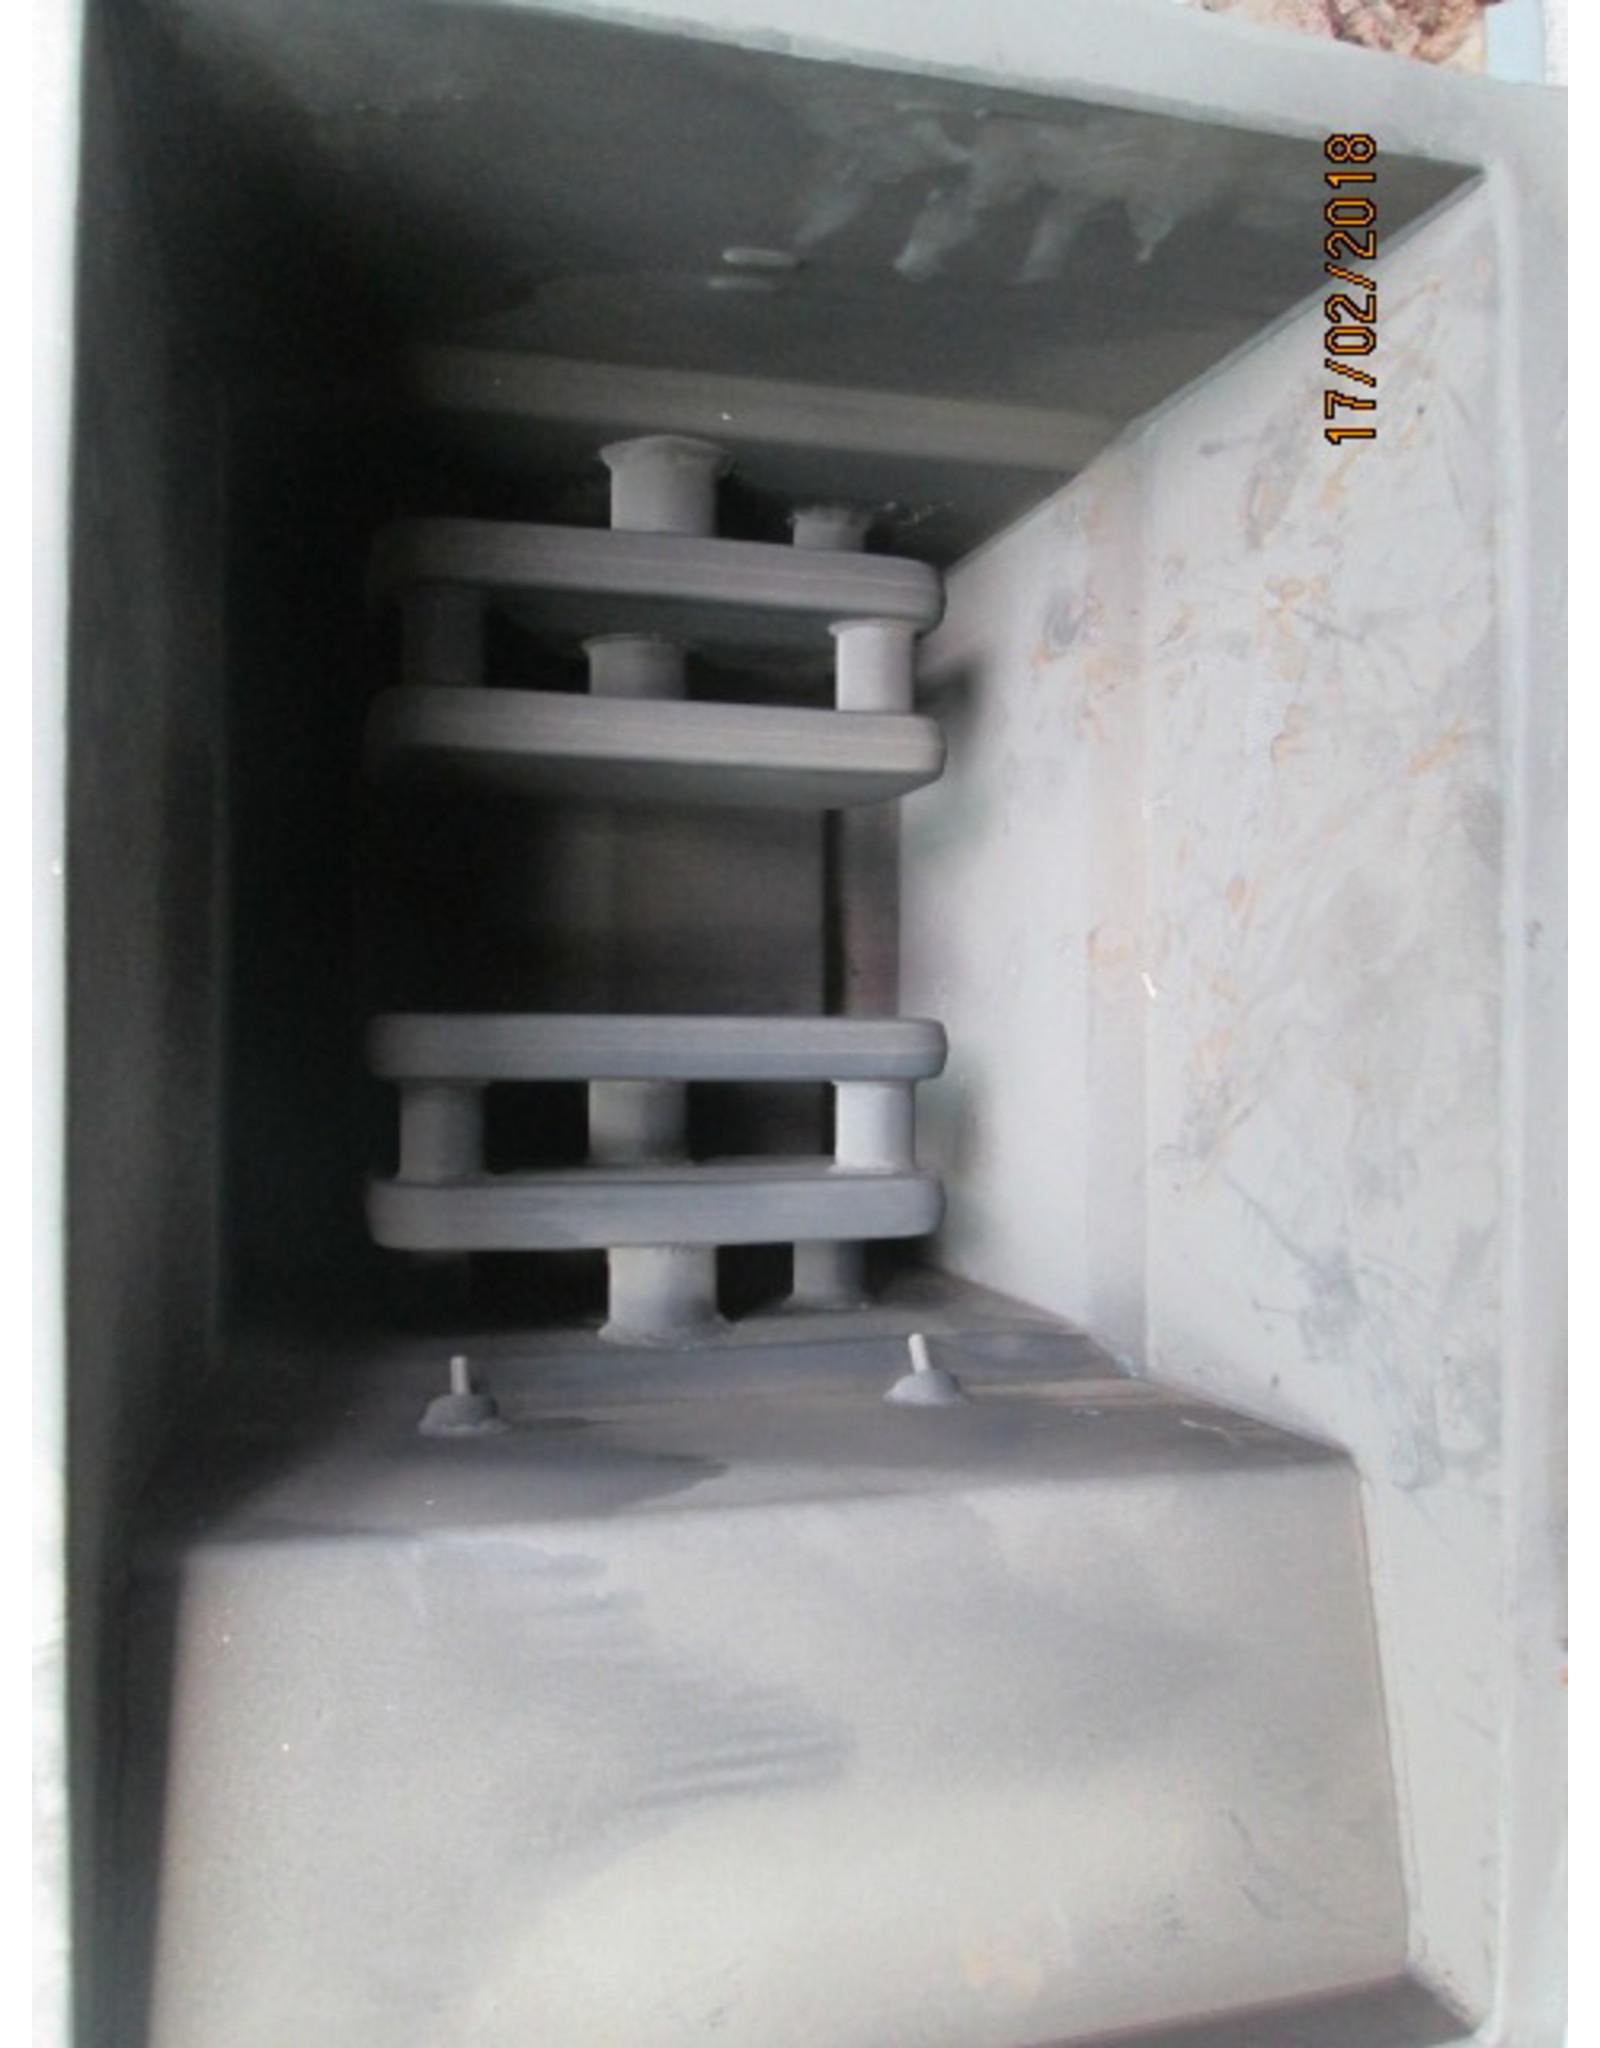 Kiremko-Perfecta-Florigo-Hewigo-Hegro-Hoblo-De Kuiper-Frymaster-Pitco Vervangen of repareren van uw lekkende ketel of pan in uw Bakwand Friteuse